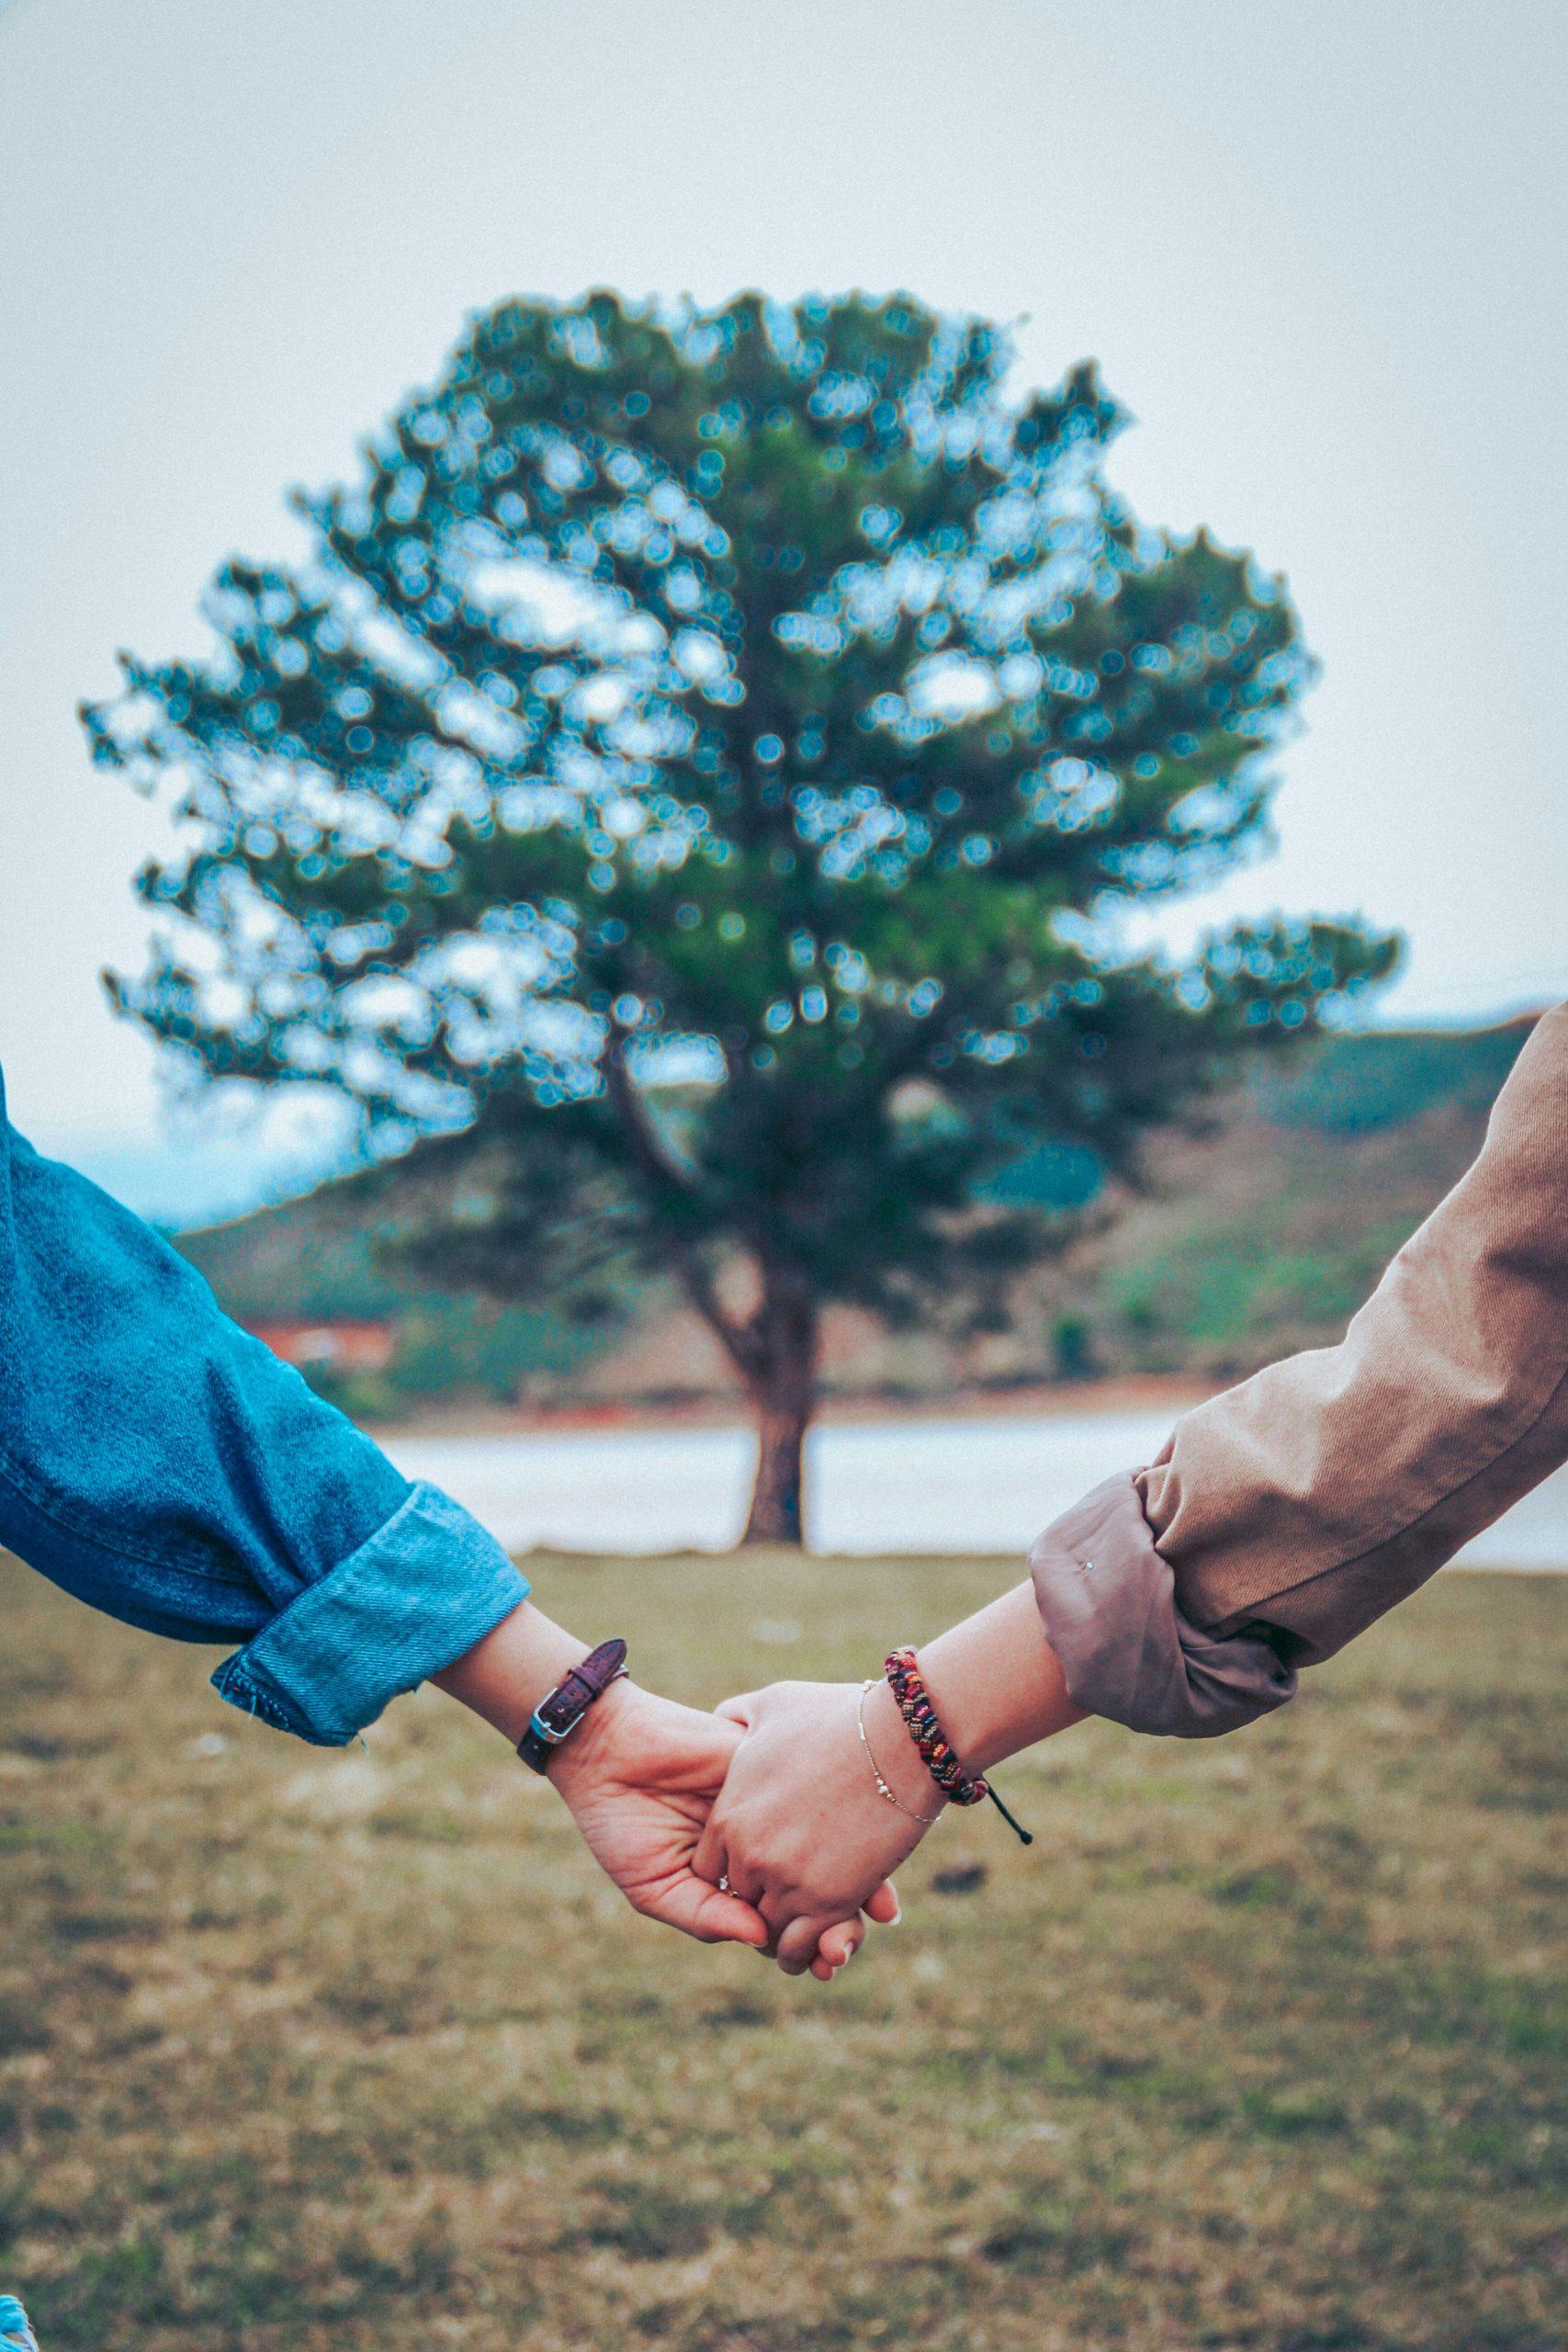 Latest Love Couple Sad Dp Images pics